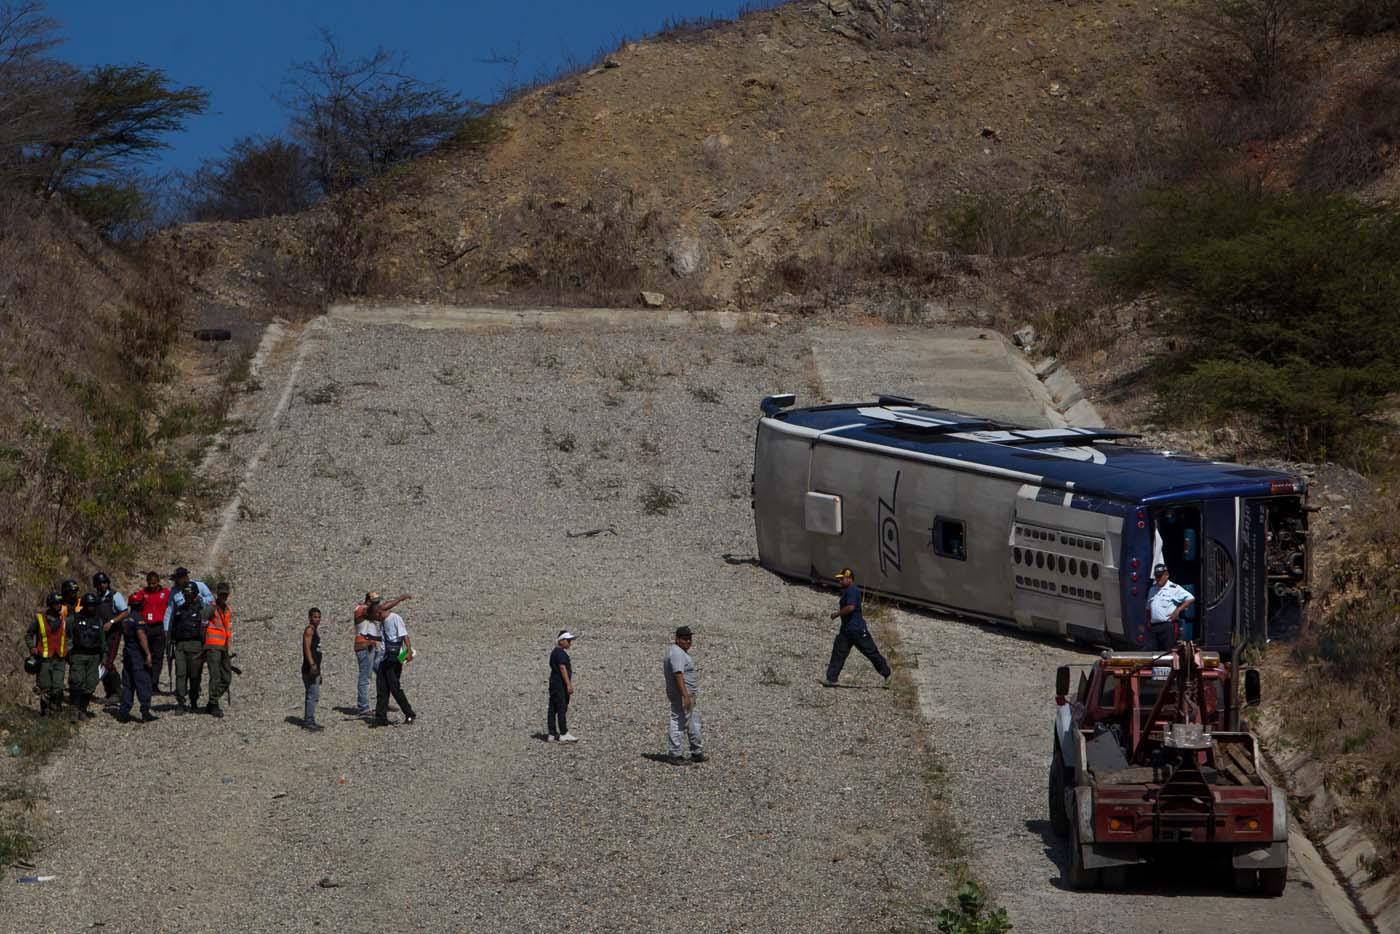 CAR01. LA GUAIRA (VENEZUELA), 10/02/2016.- Un grupo de operadores de grúa ponen un gancho al autobús que trasladaba al equipo argentino Huracán hoy, miércoles 10 de febrero de 2016, en la autopista Caracas – La Guaira (Venezuela). El autobús que trasladaba hoy al Huracán argentino al aeropuerto de Maiquetía, tras eliminar este martes al Caracas en la fase previa de la Copa Libertadores, sufrió un accidente y volcó. No hubo heridos de gravedad, pero los jugadores Patricio Toranzo y Diego Mendoza, autor del gol que dio la clasificación a su equipo para la fase de grupos, y el preparador físico Pablo Santella fueron trasladados a un hospital cercano para recibir atención por golpes menores. EFE/MIGUEL GUTIÉRREZ